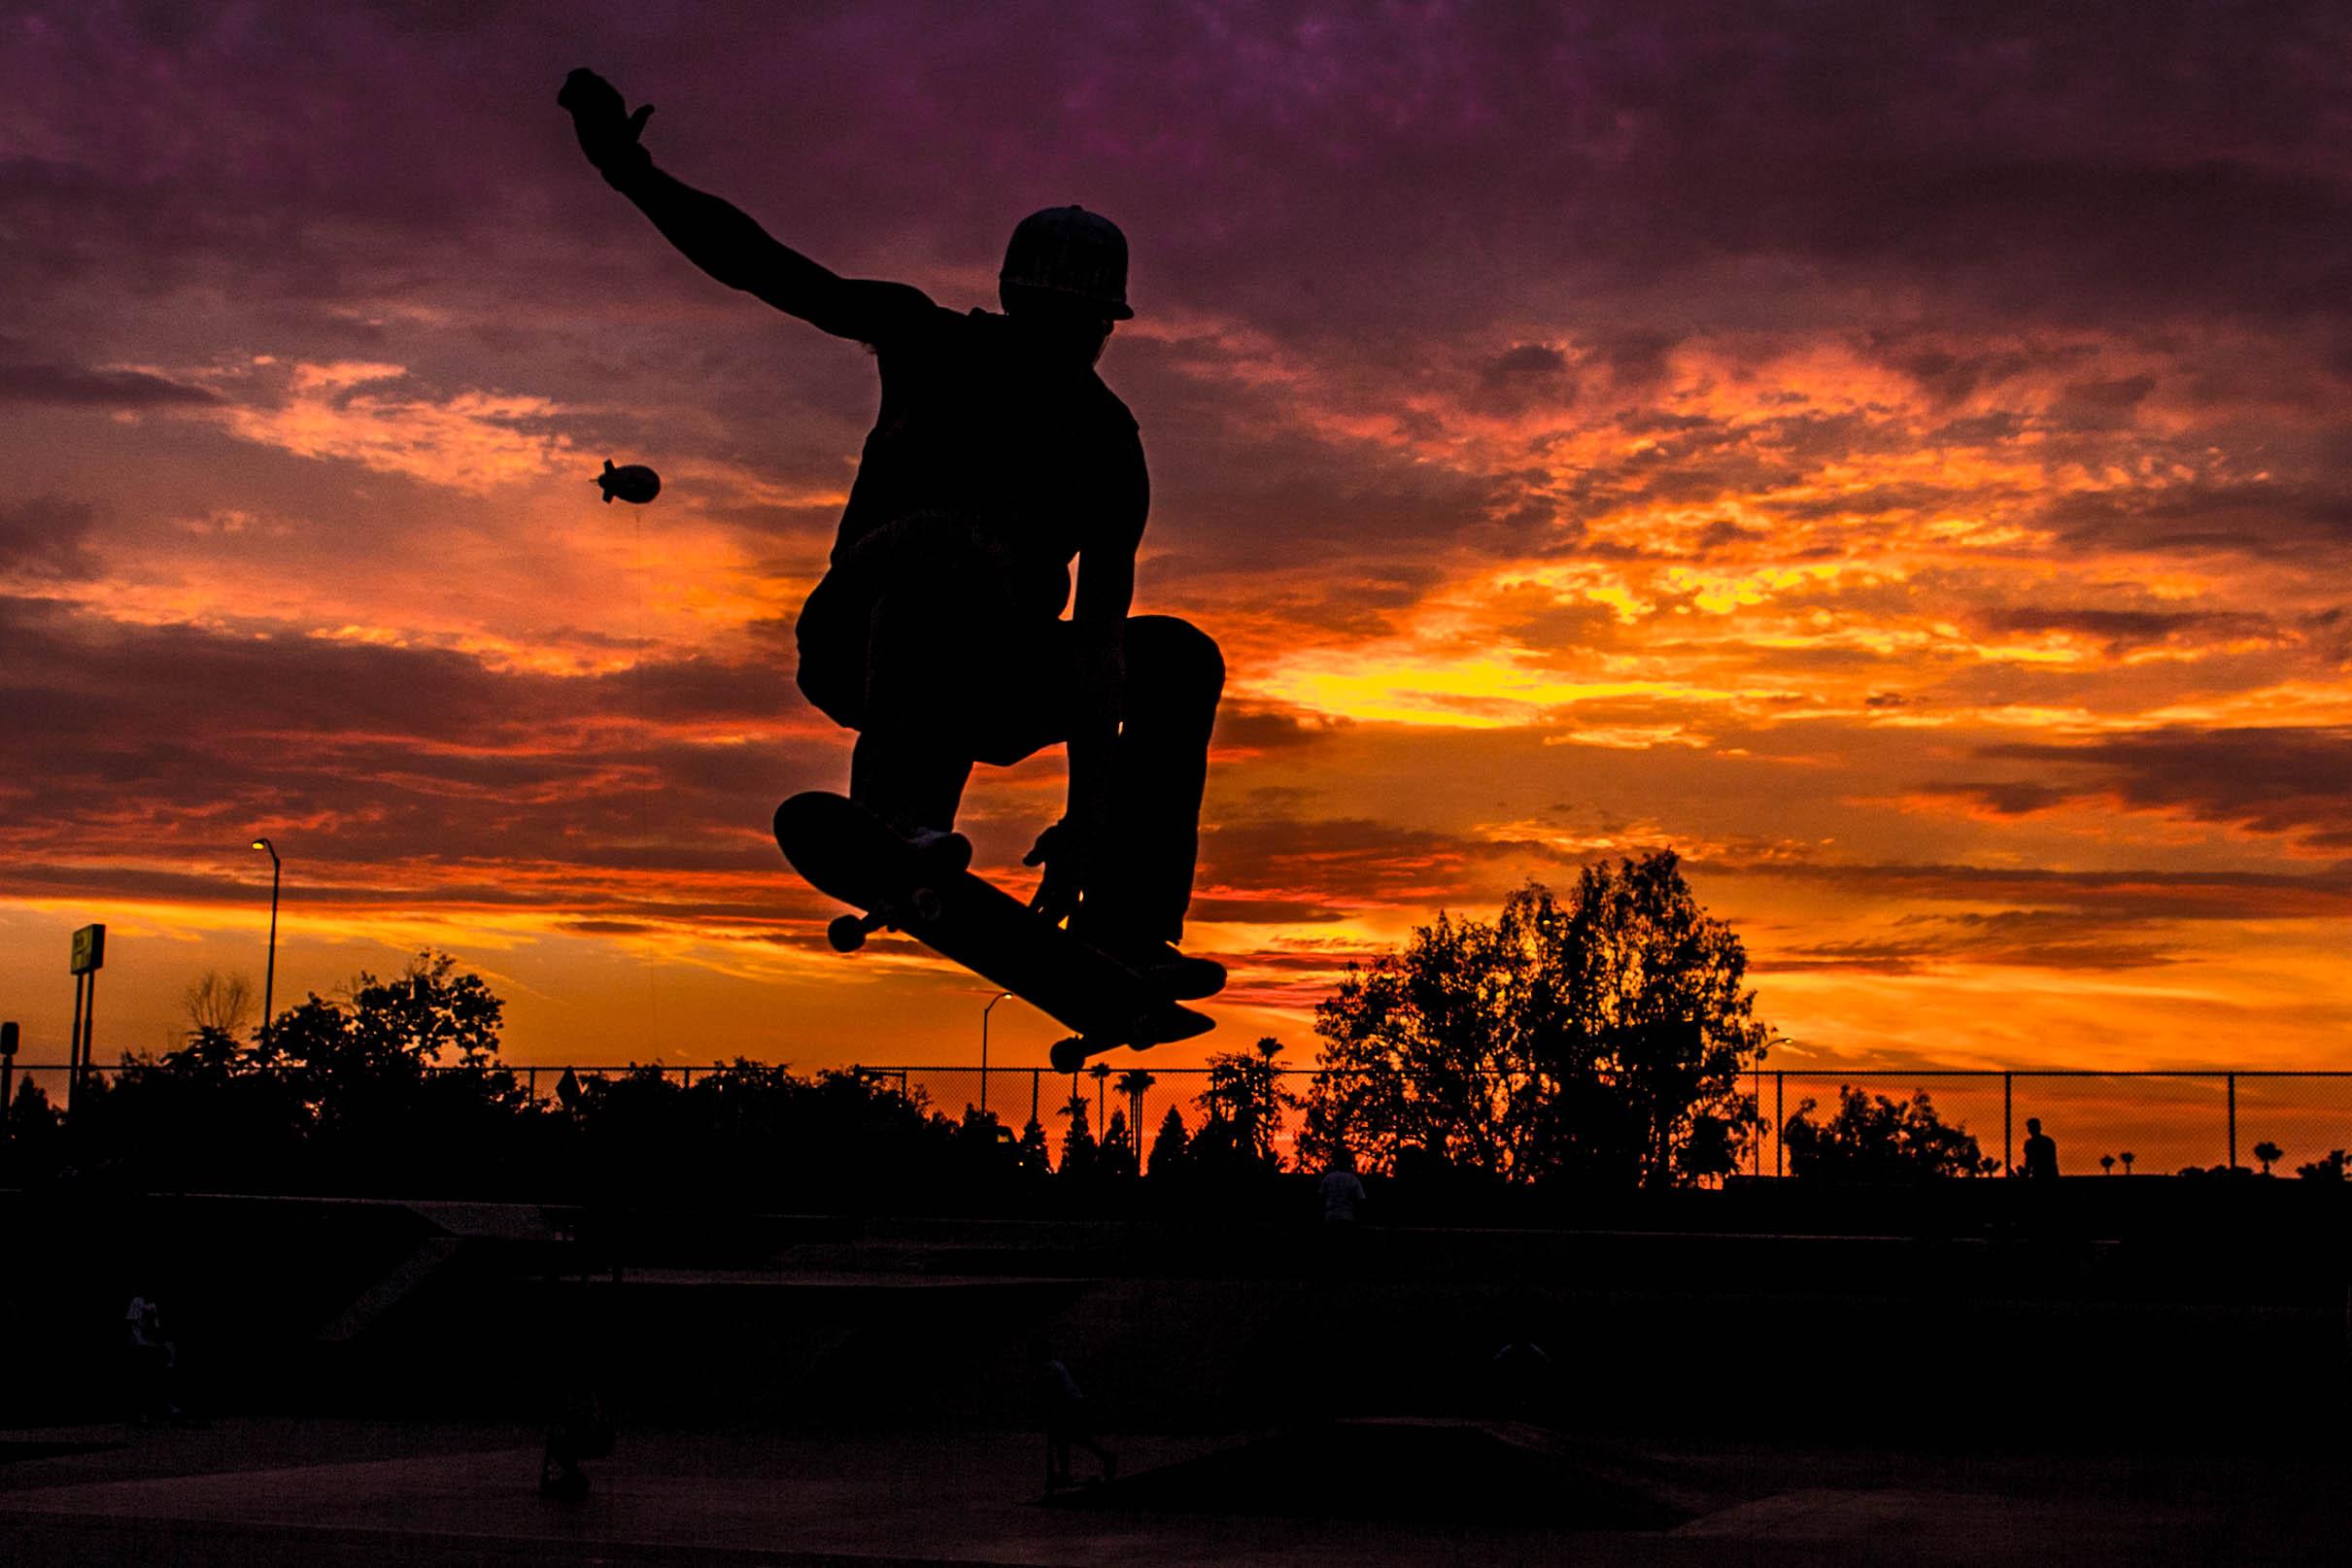 Skateboarding silhouette sunset